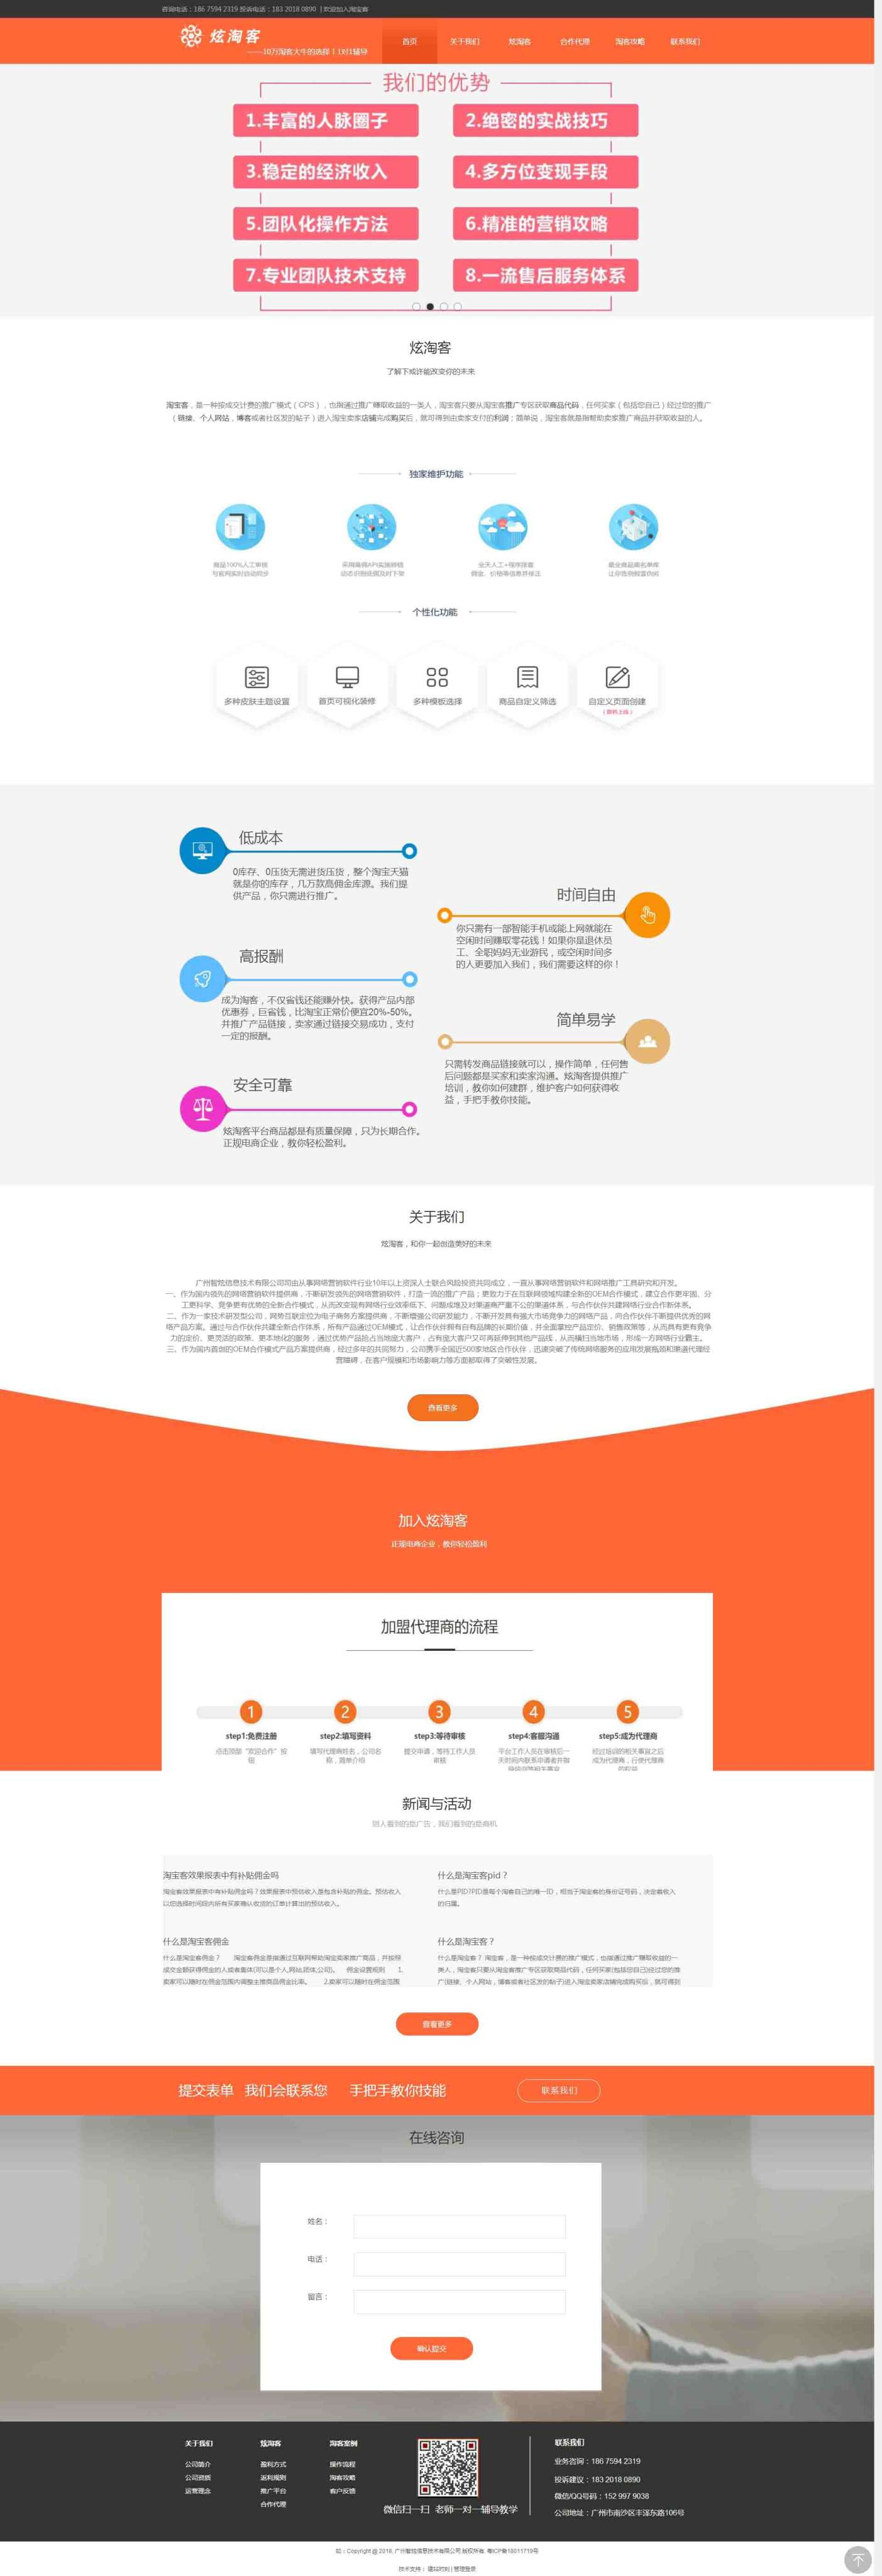 廣州智炫信息技術有限公司_榆林自助建站